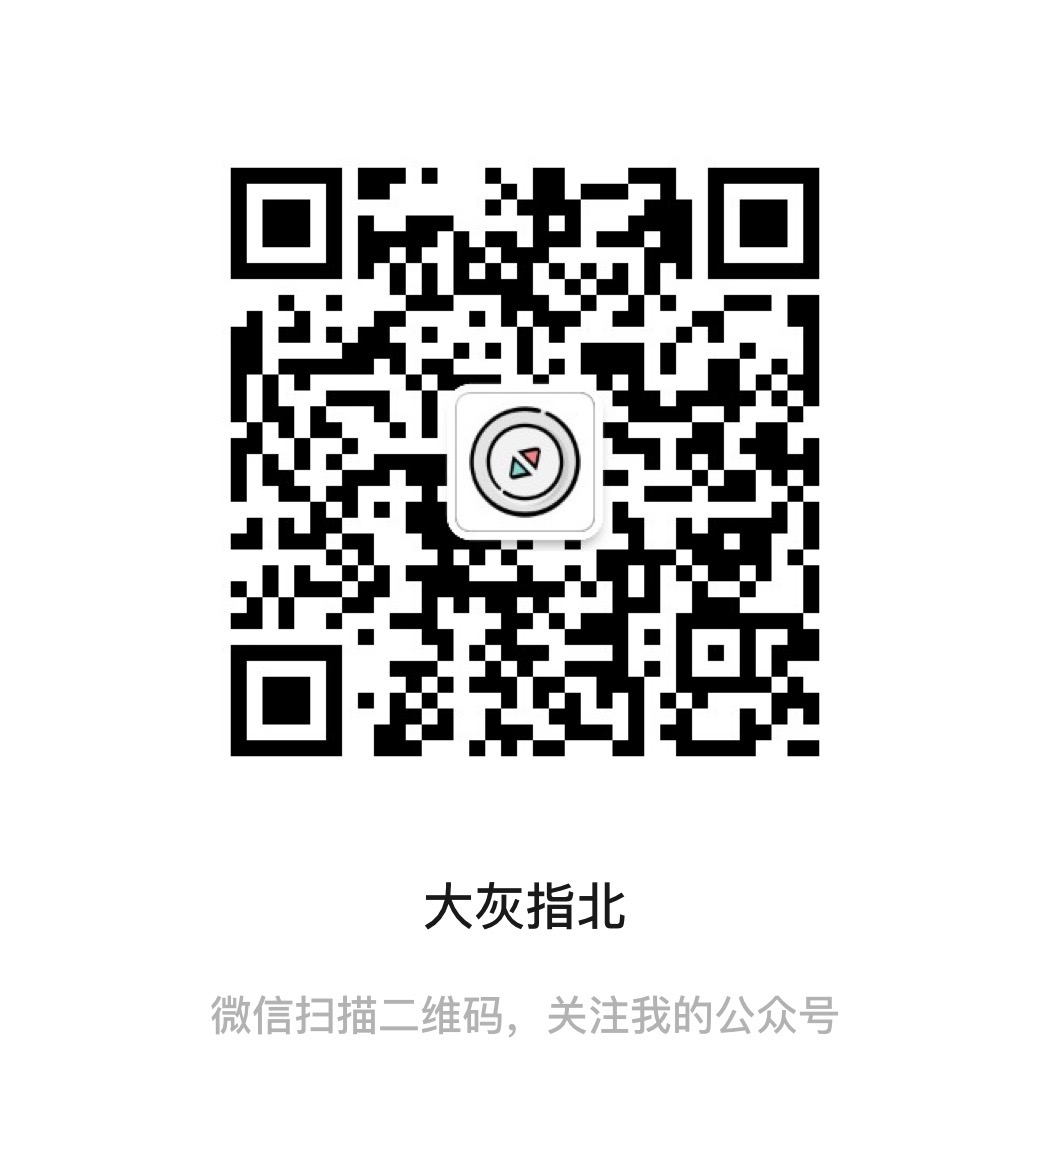 微信公众号.jpg